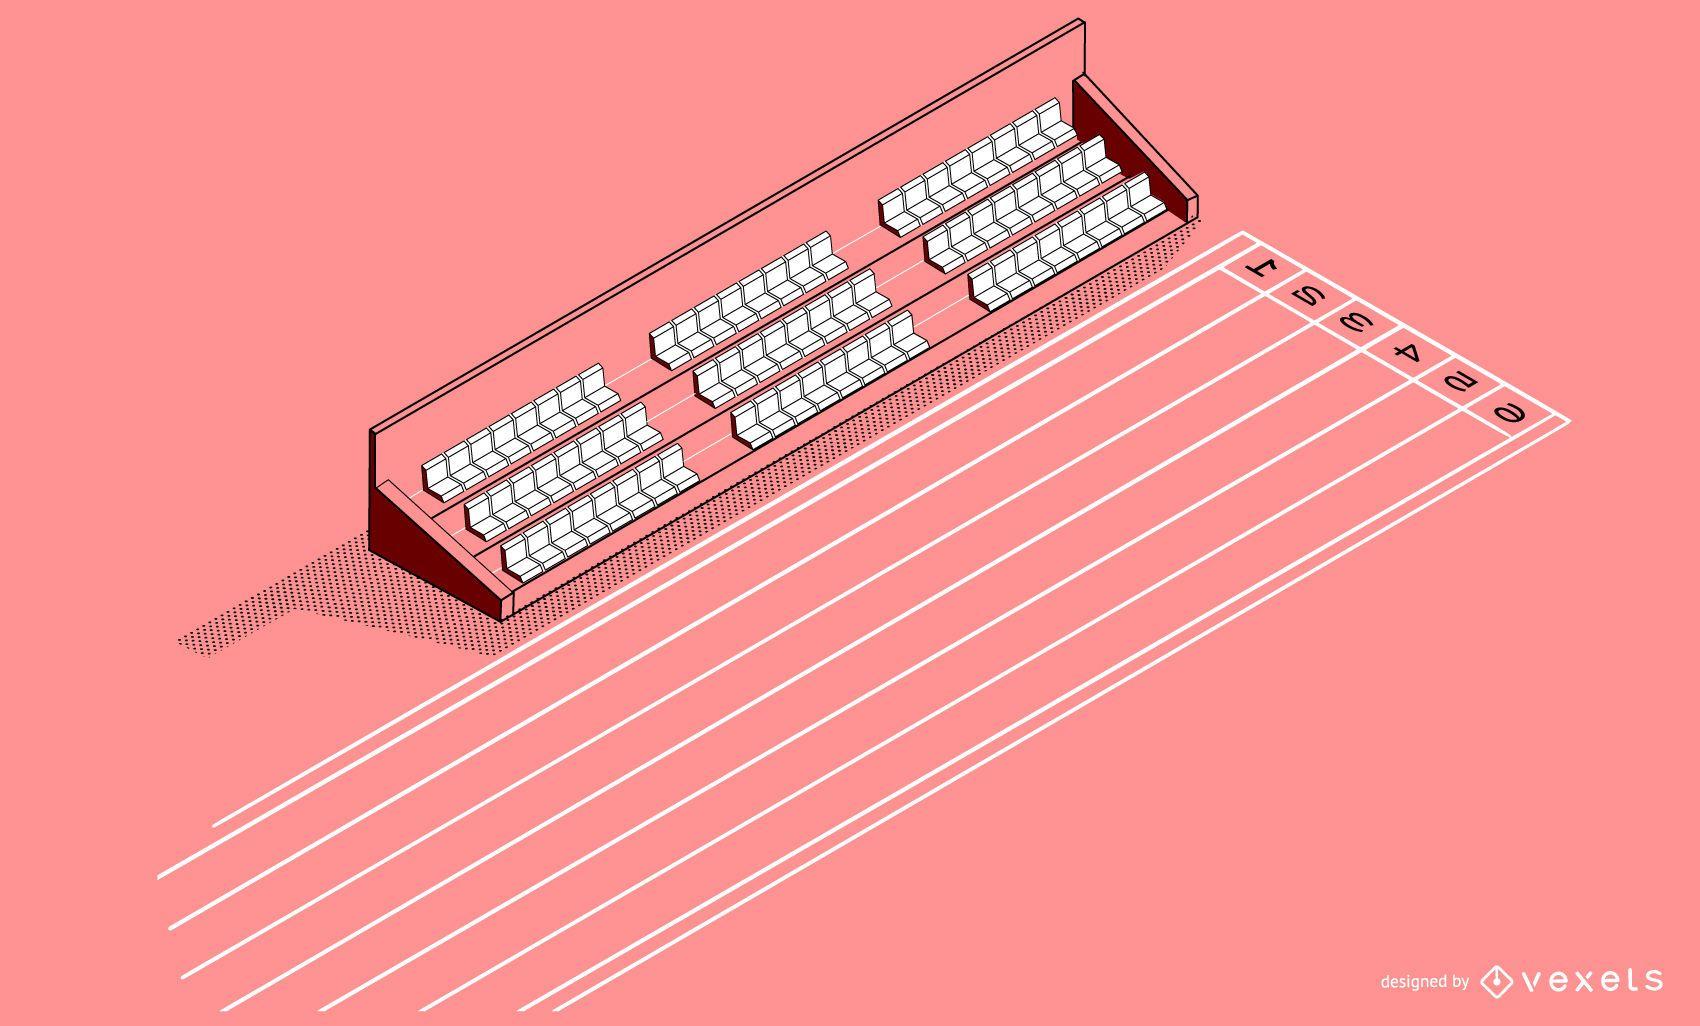 Isometric Sprint Track Stadium Design